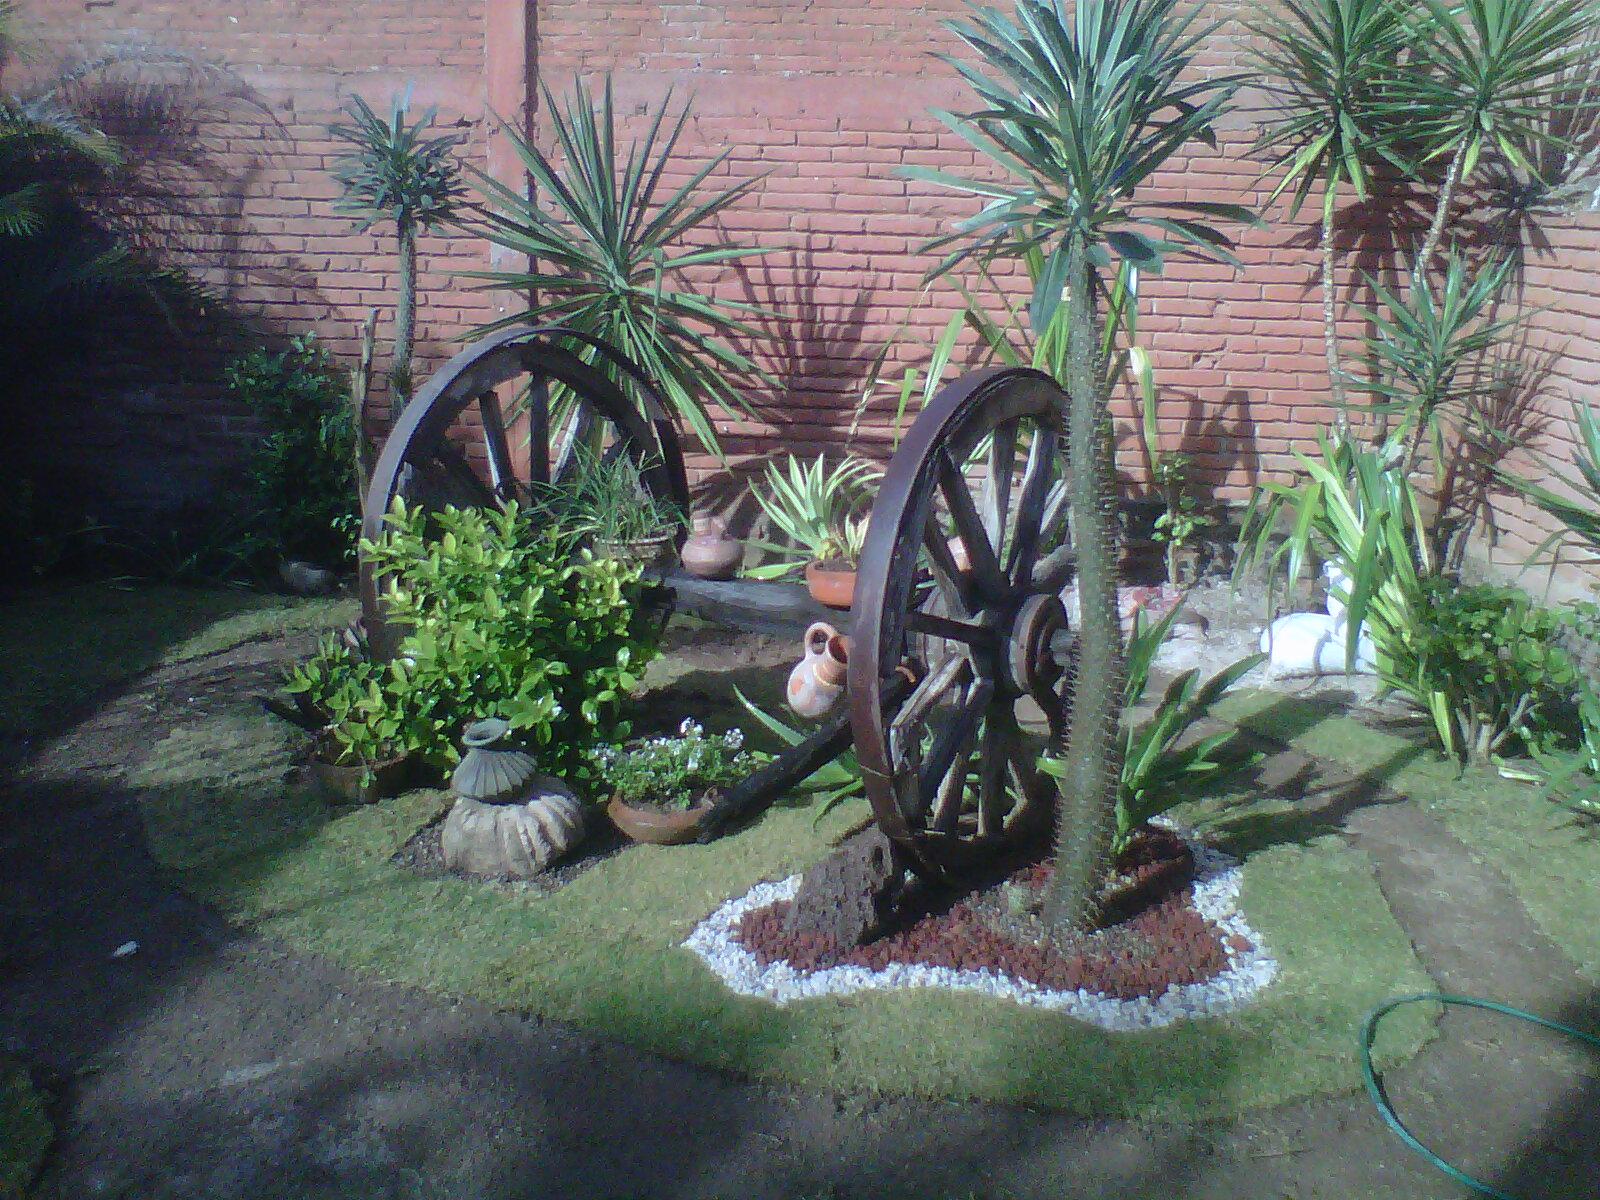 Dimant dise o y mantenimiento de jardines culiac n for Diseno de jardines fotos